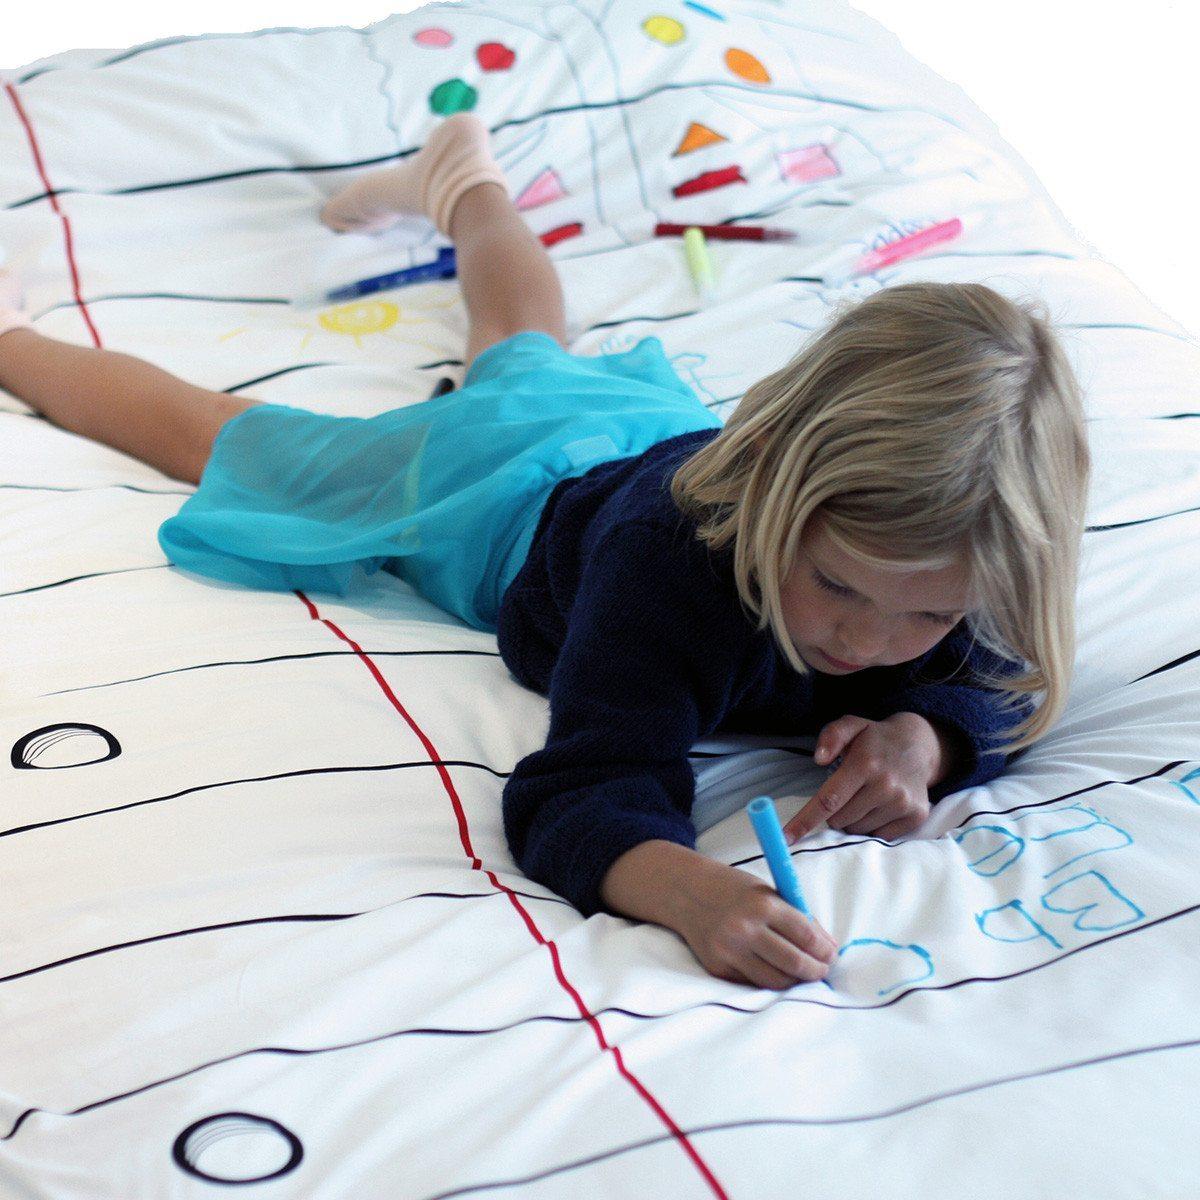 Piirrettävä peitto ja värikynät